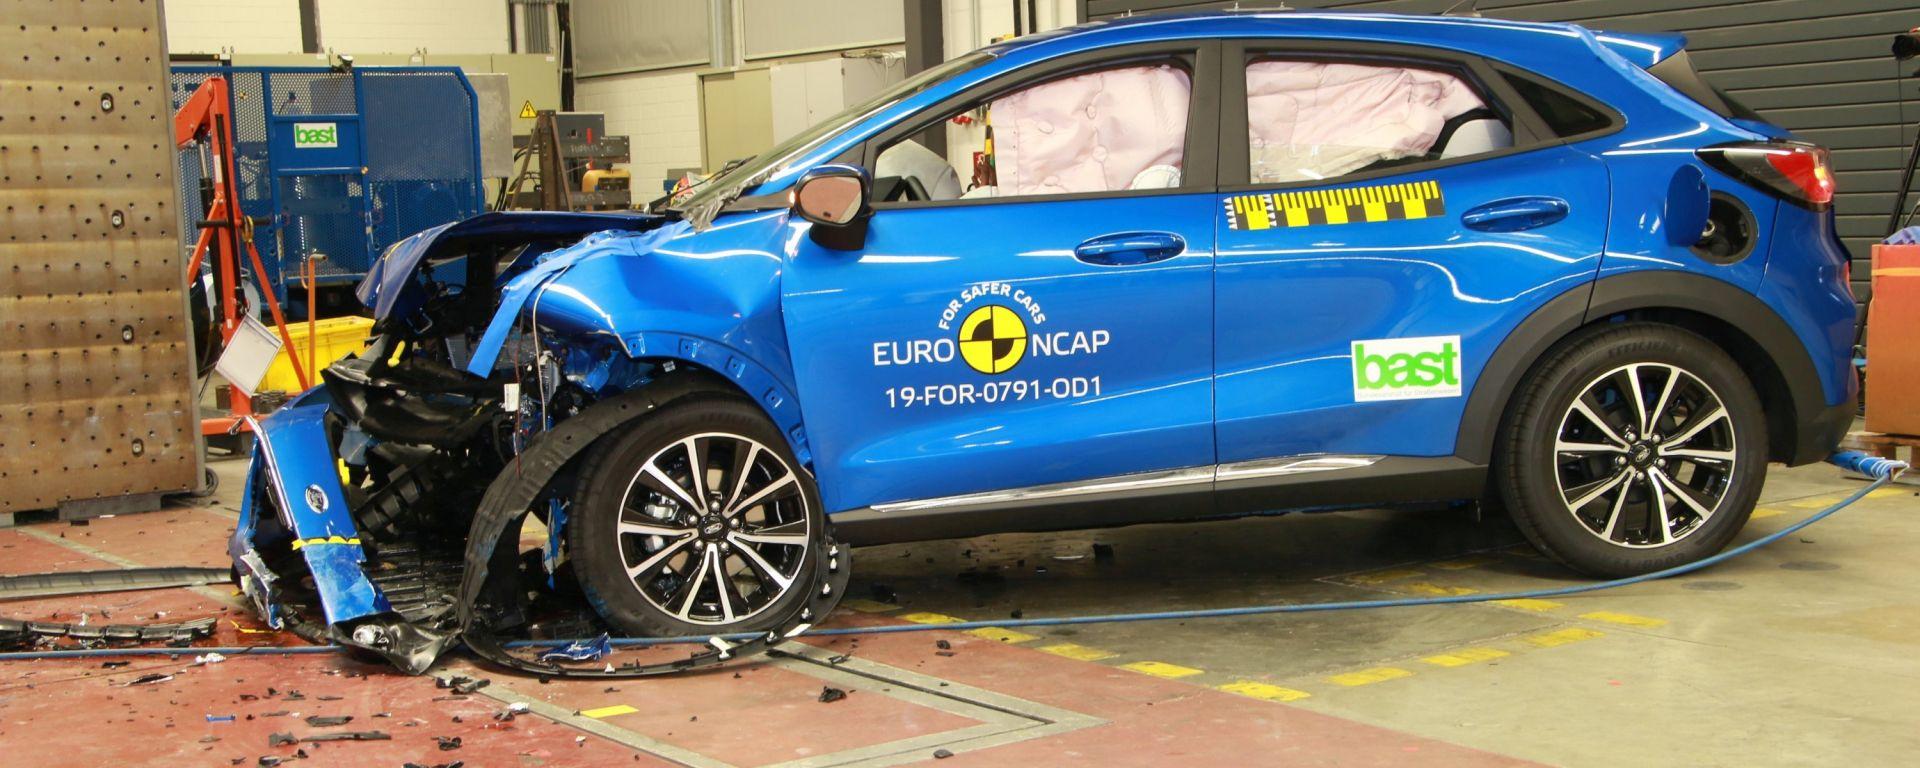 Nuovi test Euro NCAP 2020: urti frontali e protezione degli occupanti